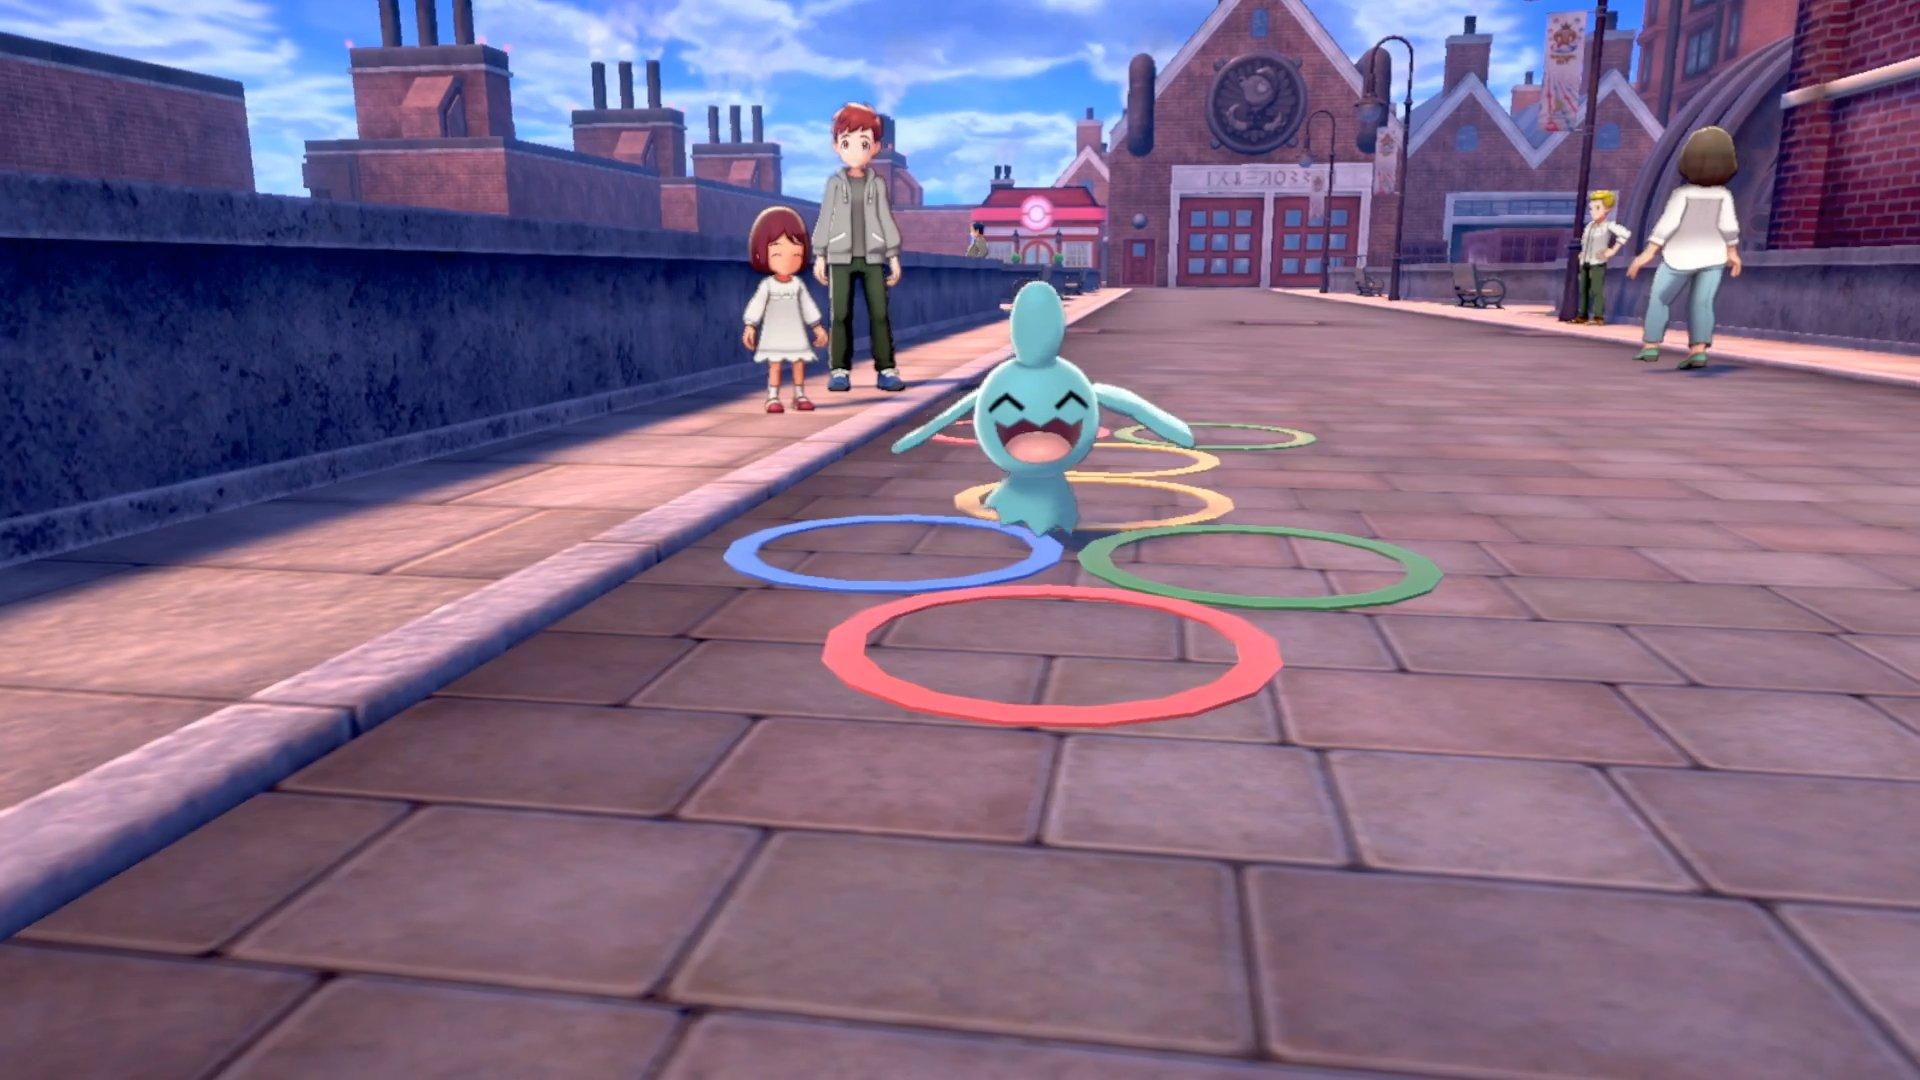 [Nintendo] L'univers Pokémon - Page 3 Pok%C3%A9mon-%C3%89p%C3%A9e-et-Bouclier-21